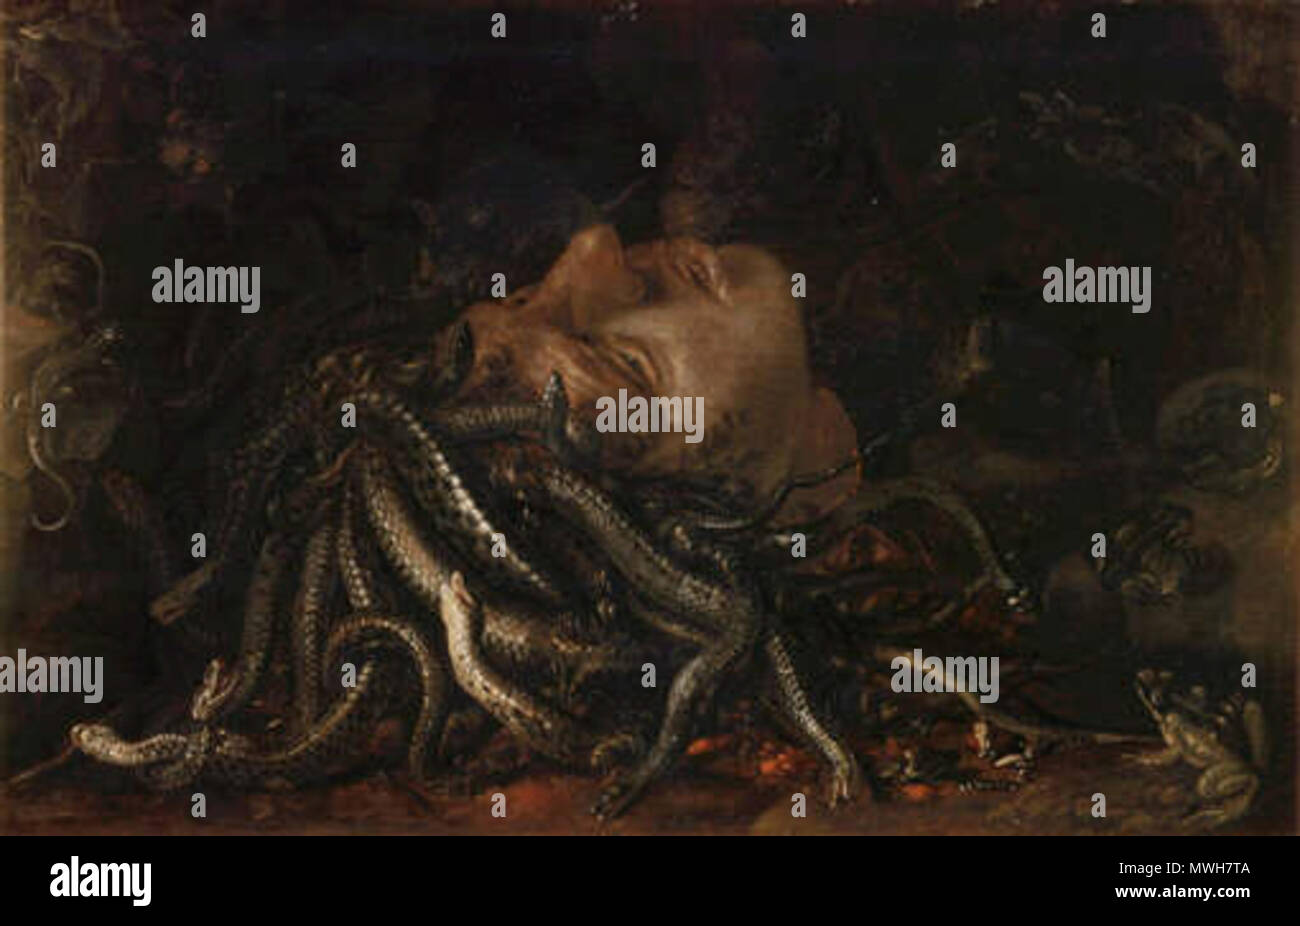 Resultado de imagen para pintura medusa leonardo da vinci